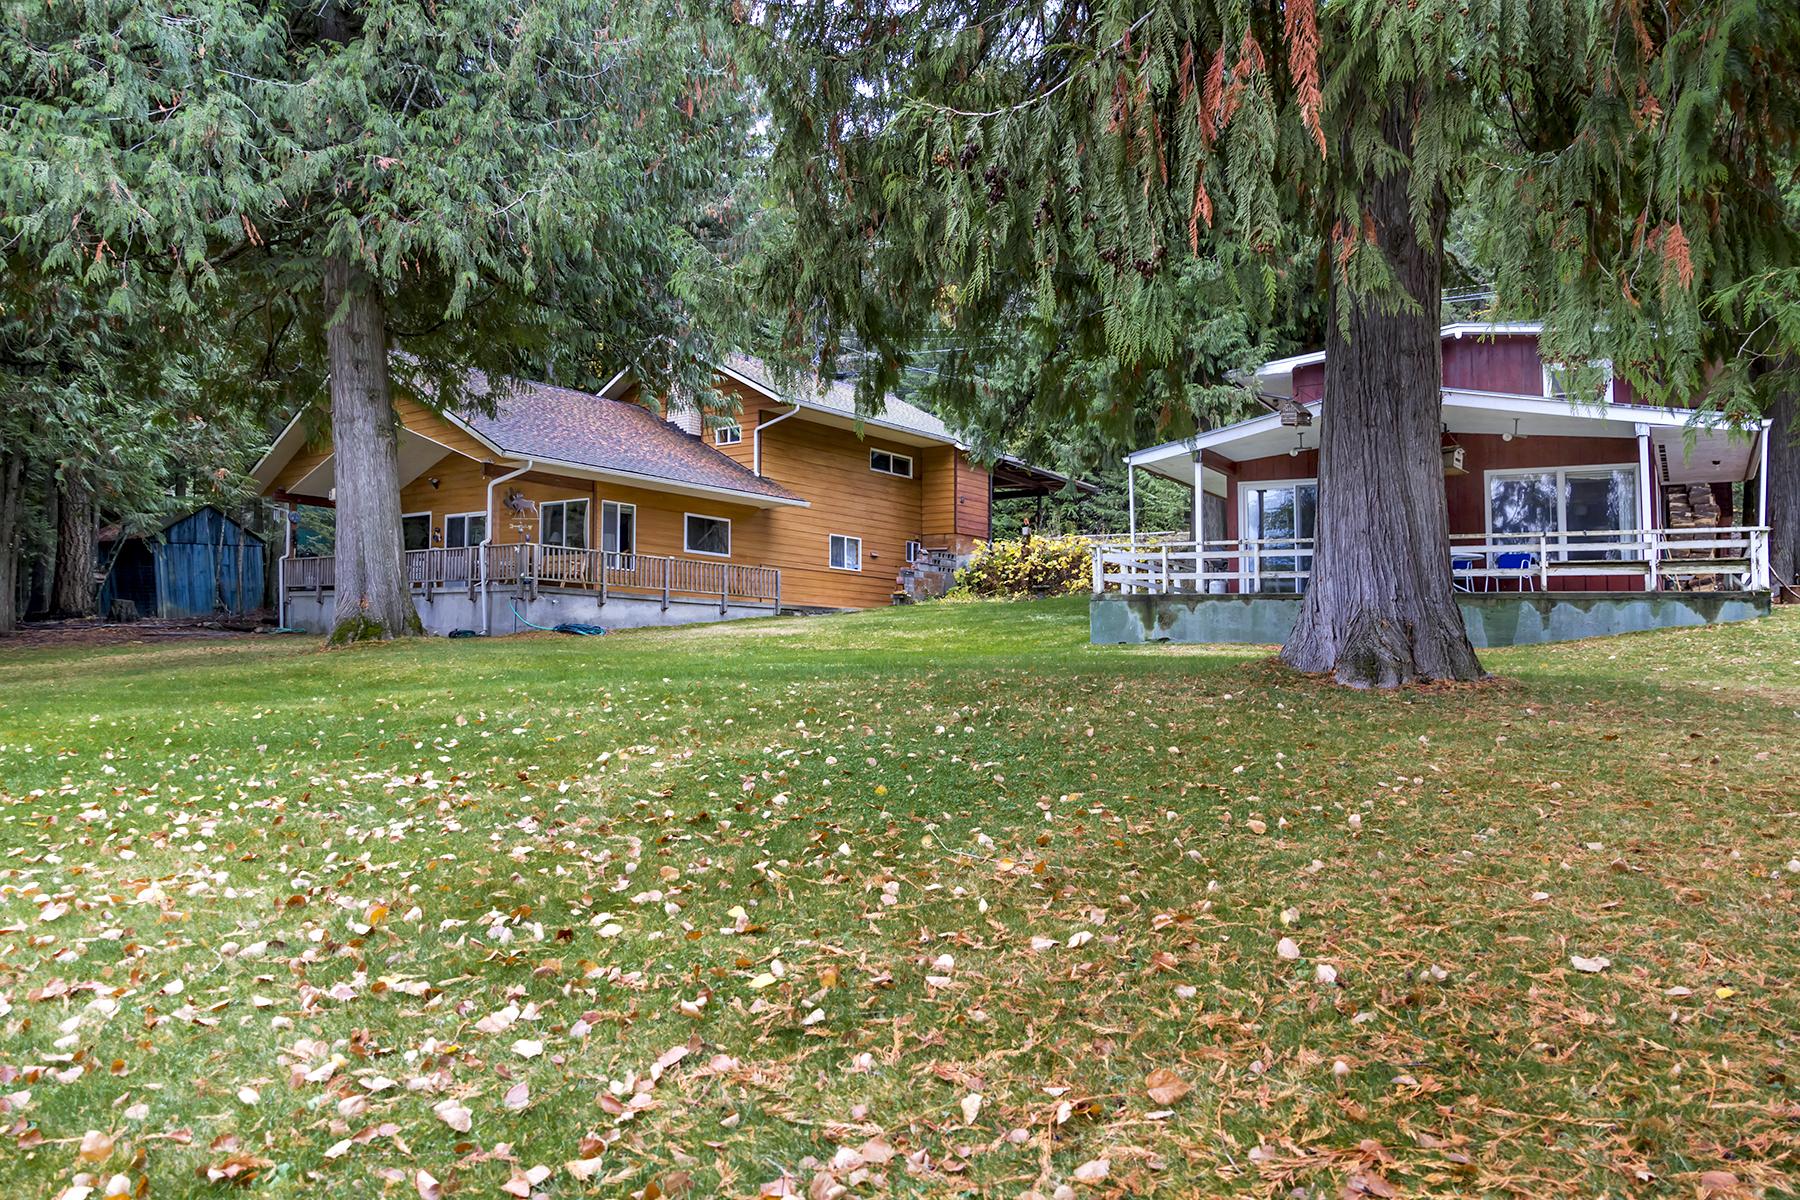 Casa para uma família para Venda às Two waterfront cabins on over 1 acre on Murphy Bay 2519 & 2529 Lakeshore Dr. Sagle, Idaho, 83860 Estados Unidos